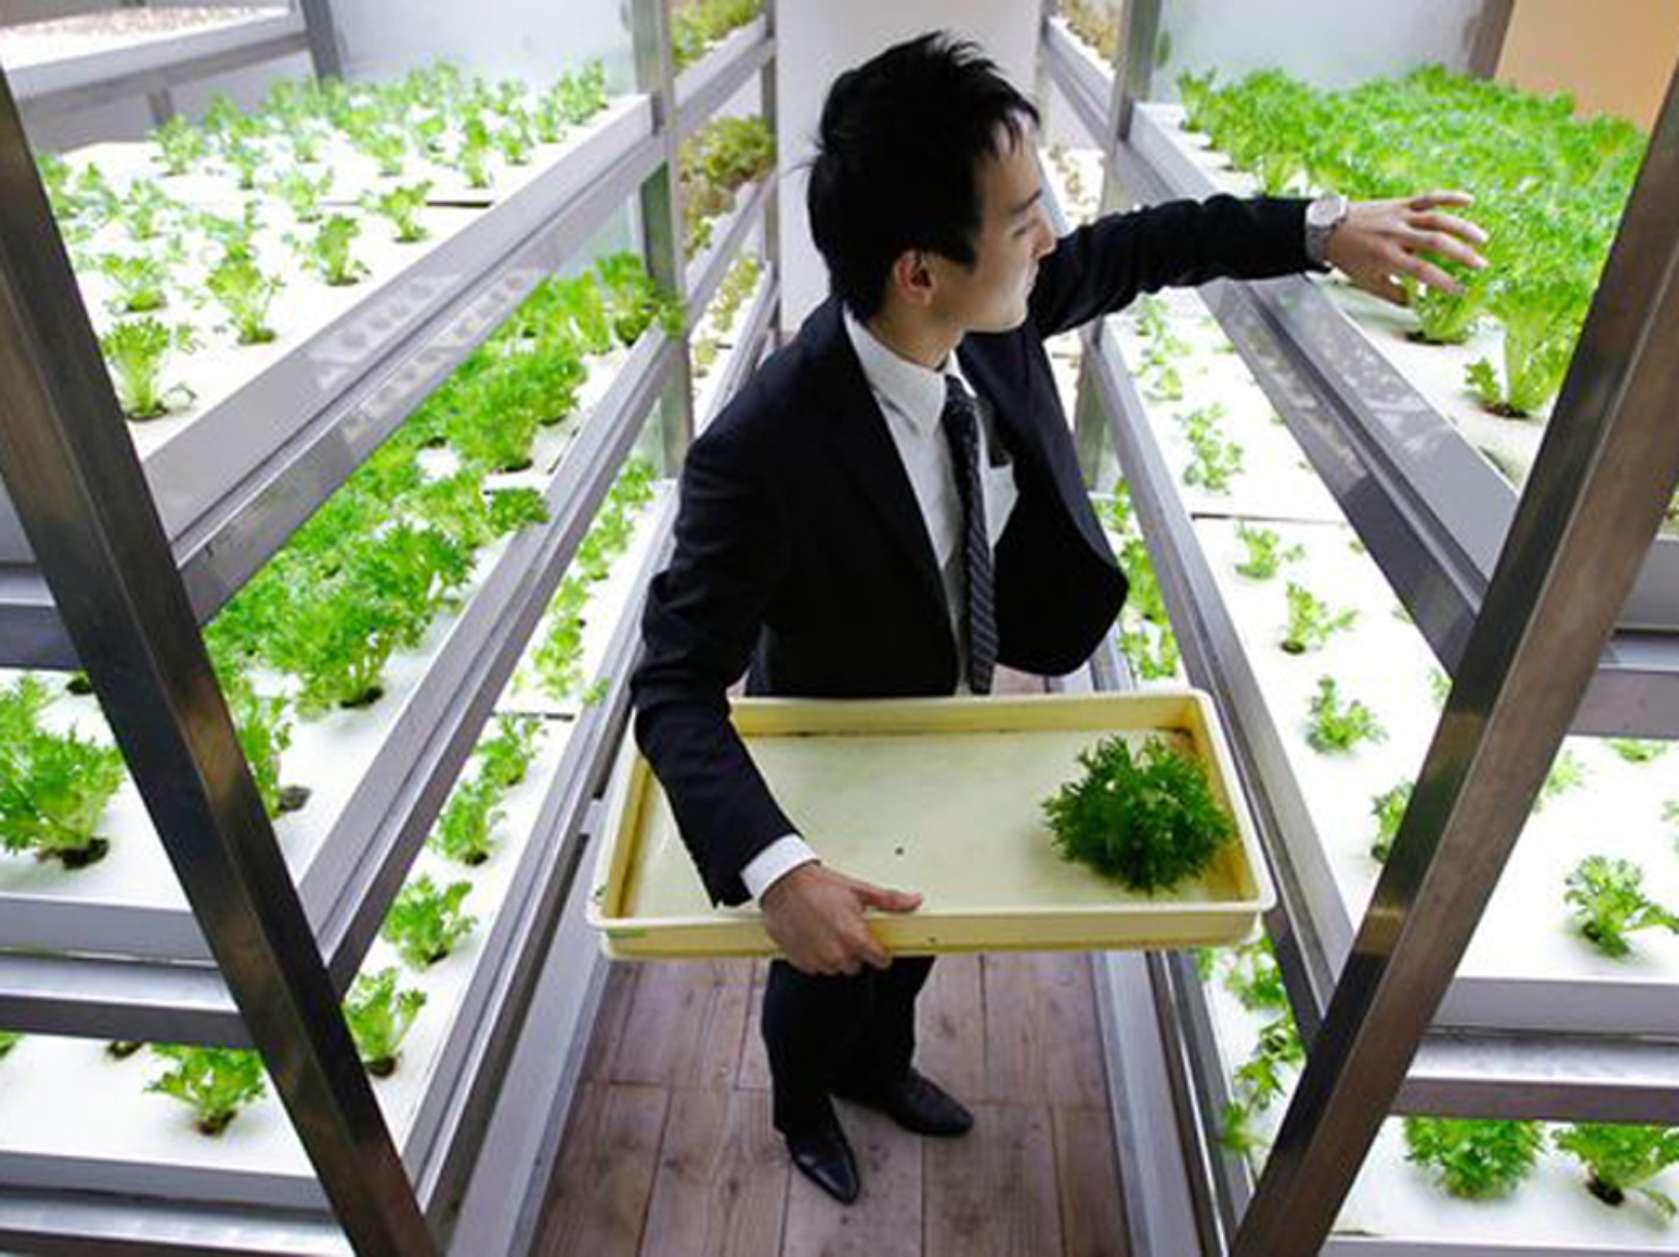 העובדים מקבלים הספקה טריה של מגוון ירקות ופירות